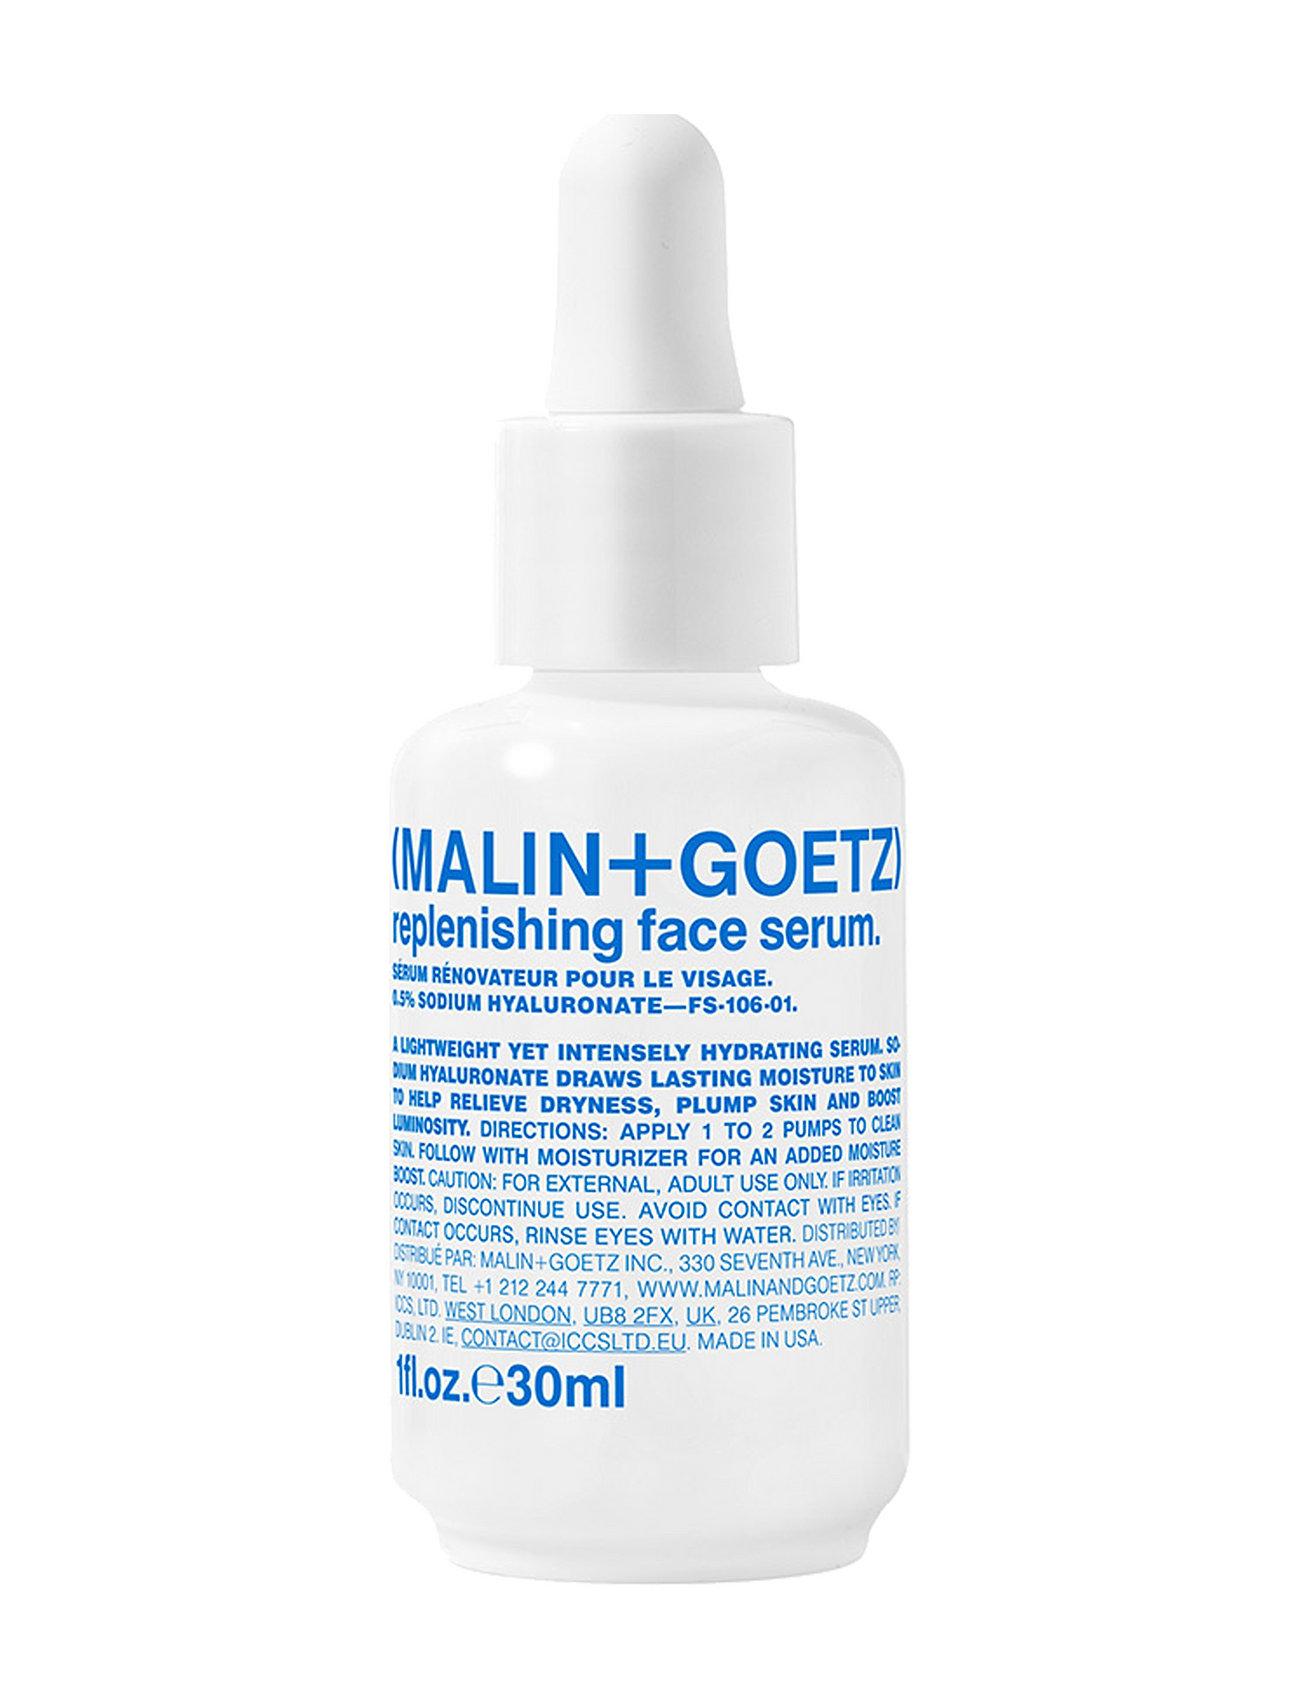 malin+goetz – Replenishing face serum på boozt.com dk